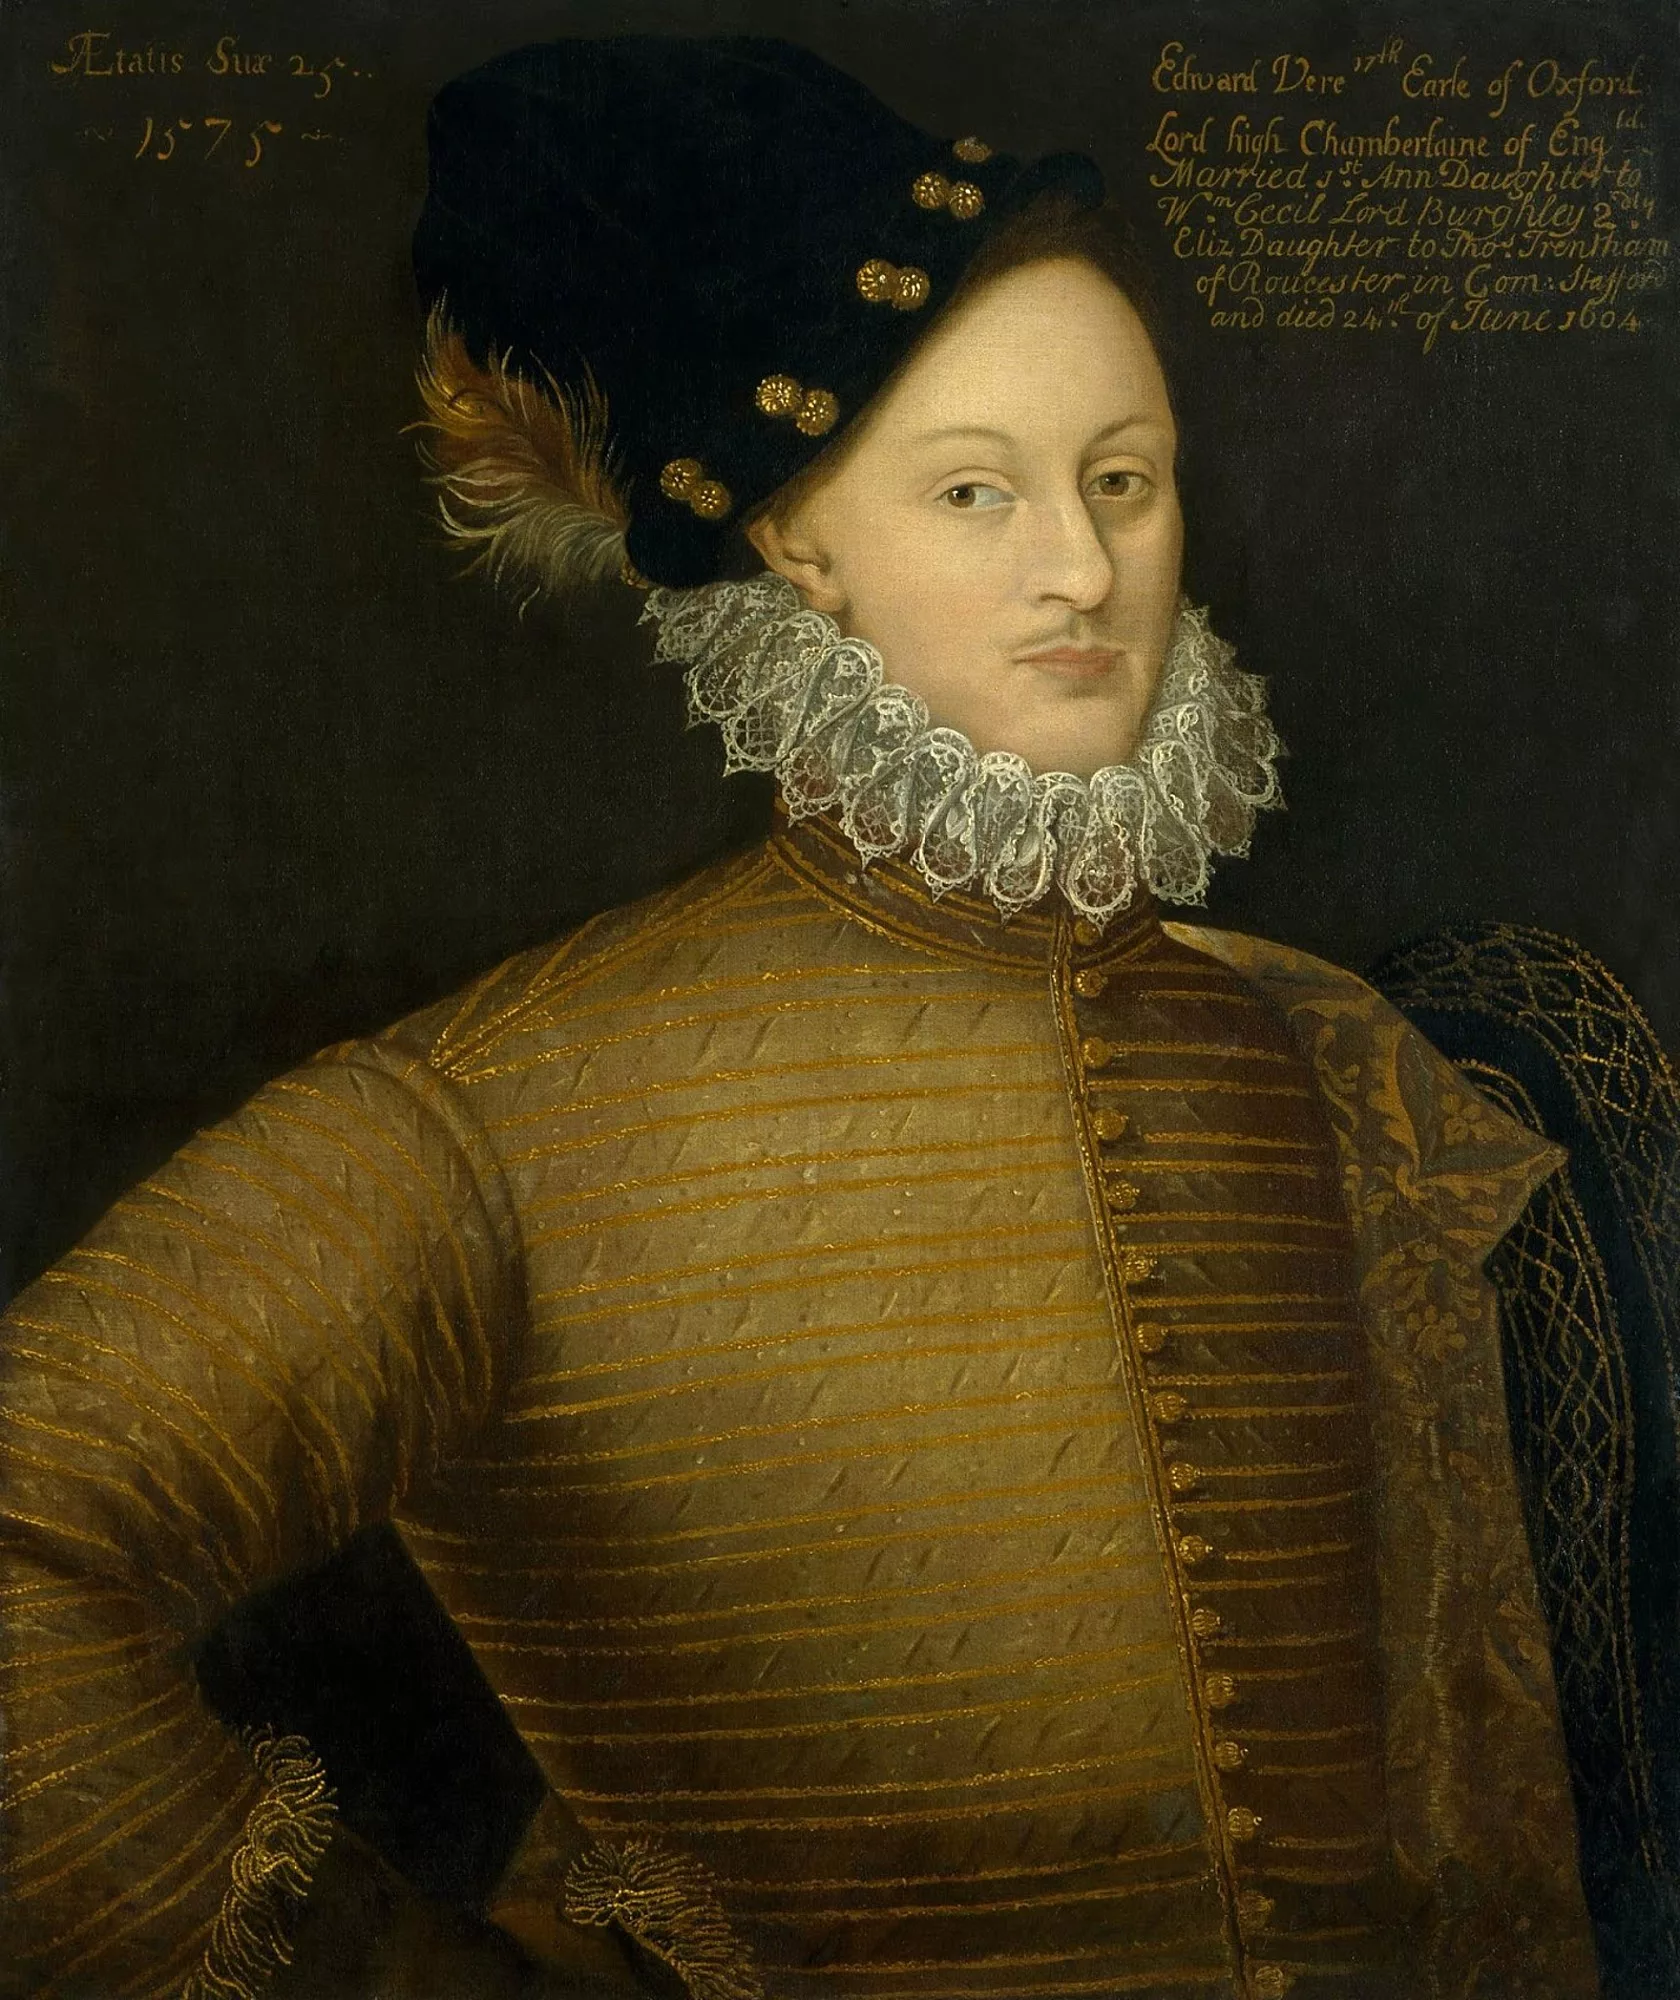 Эдуард де Вер, 17-й граф Оксфорд (1550 — 1604),один из предполагаемых «Шекспиров»